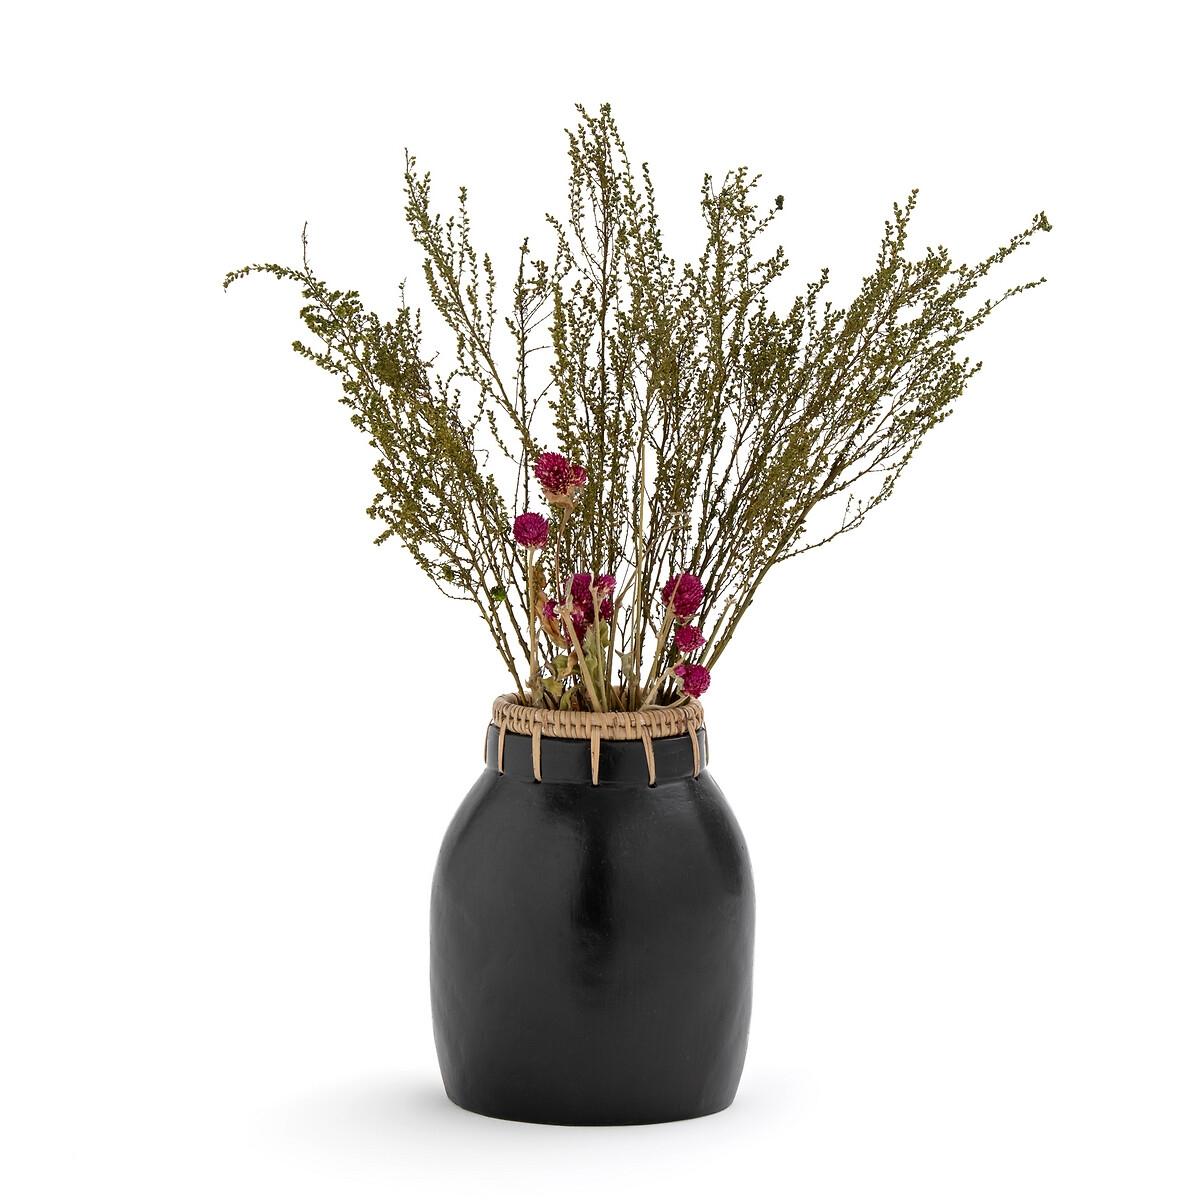 Ваза La Redoute Декоративная из керамики и ротанга В205 см Kuro единый размер черный